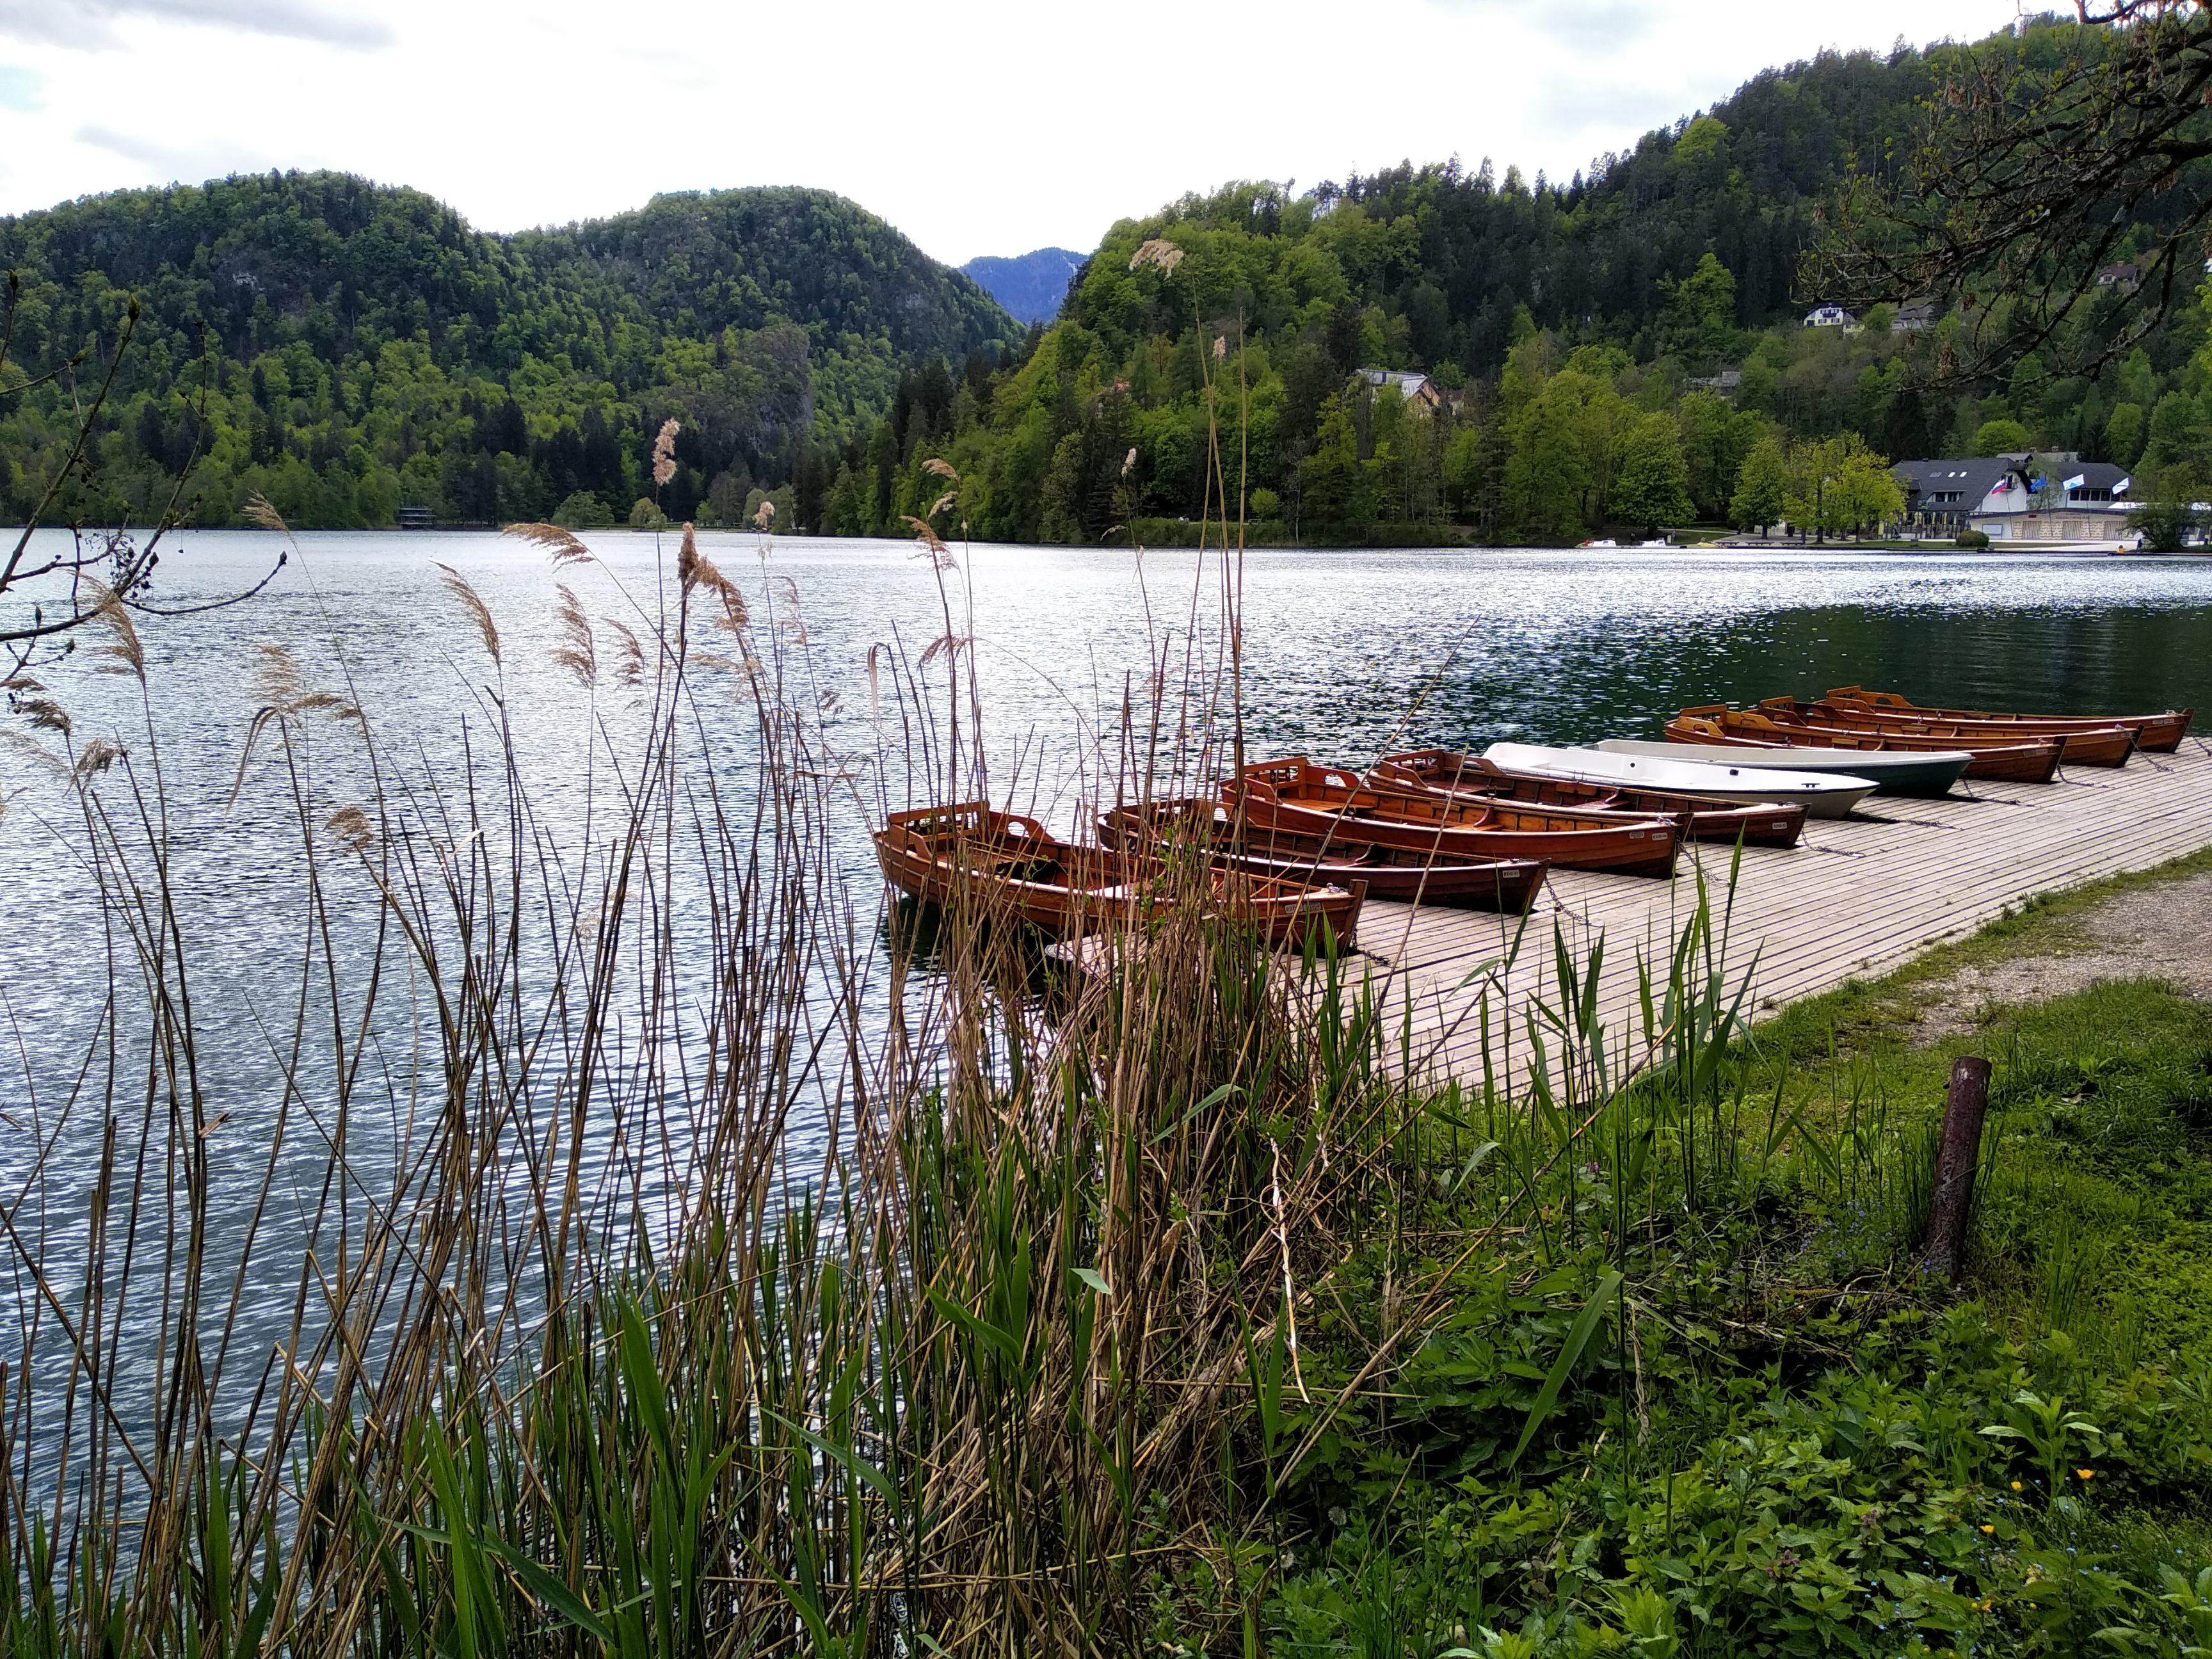 озеро Блед, Словения - мой отзыв